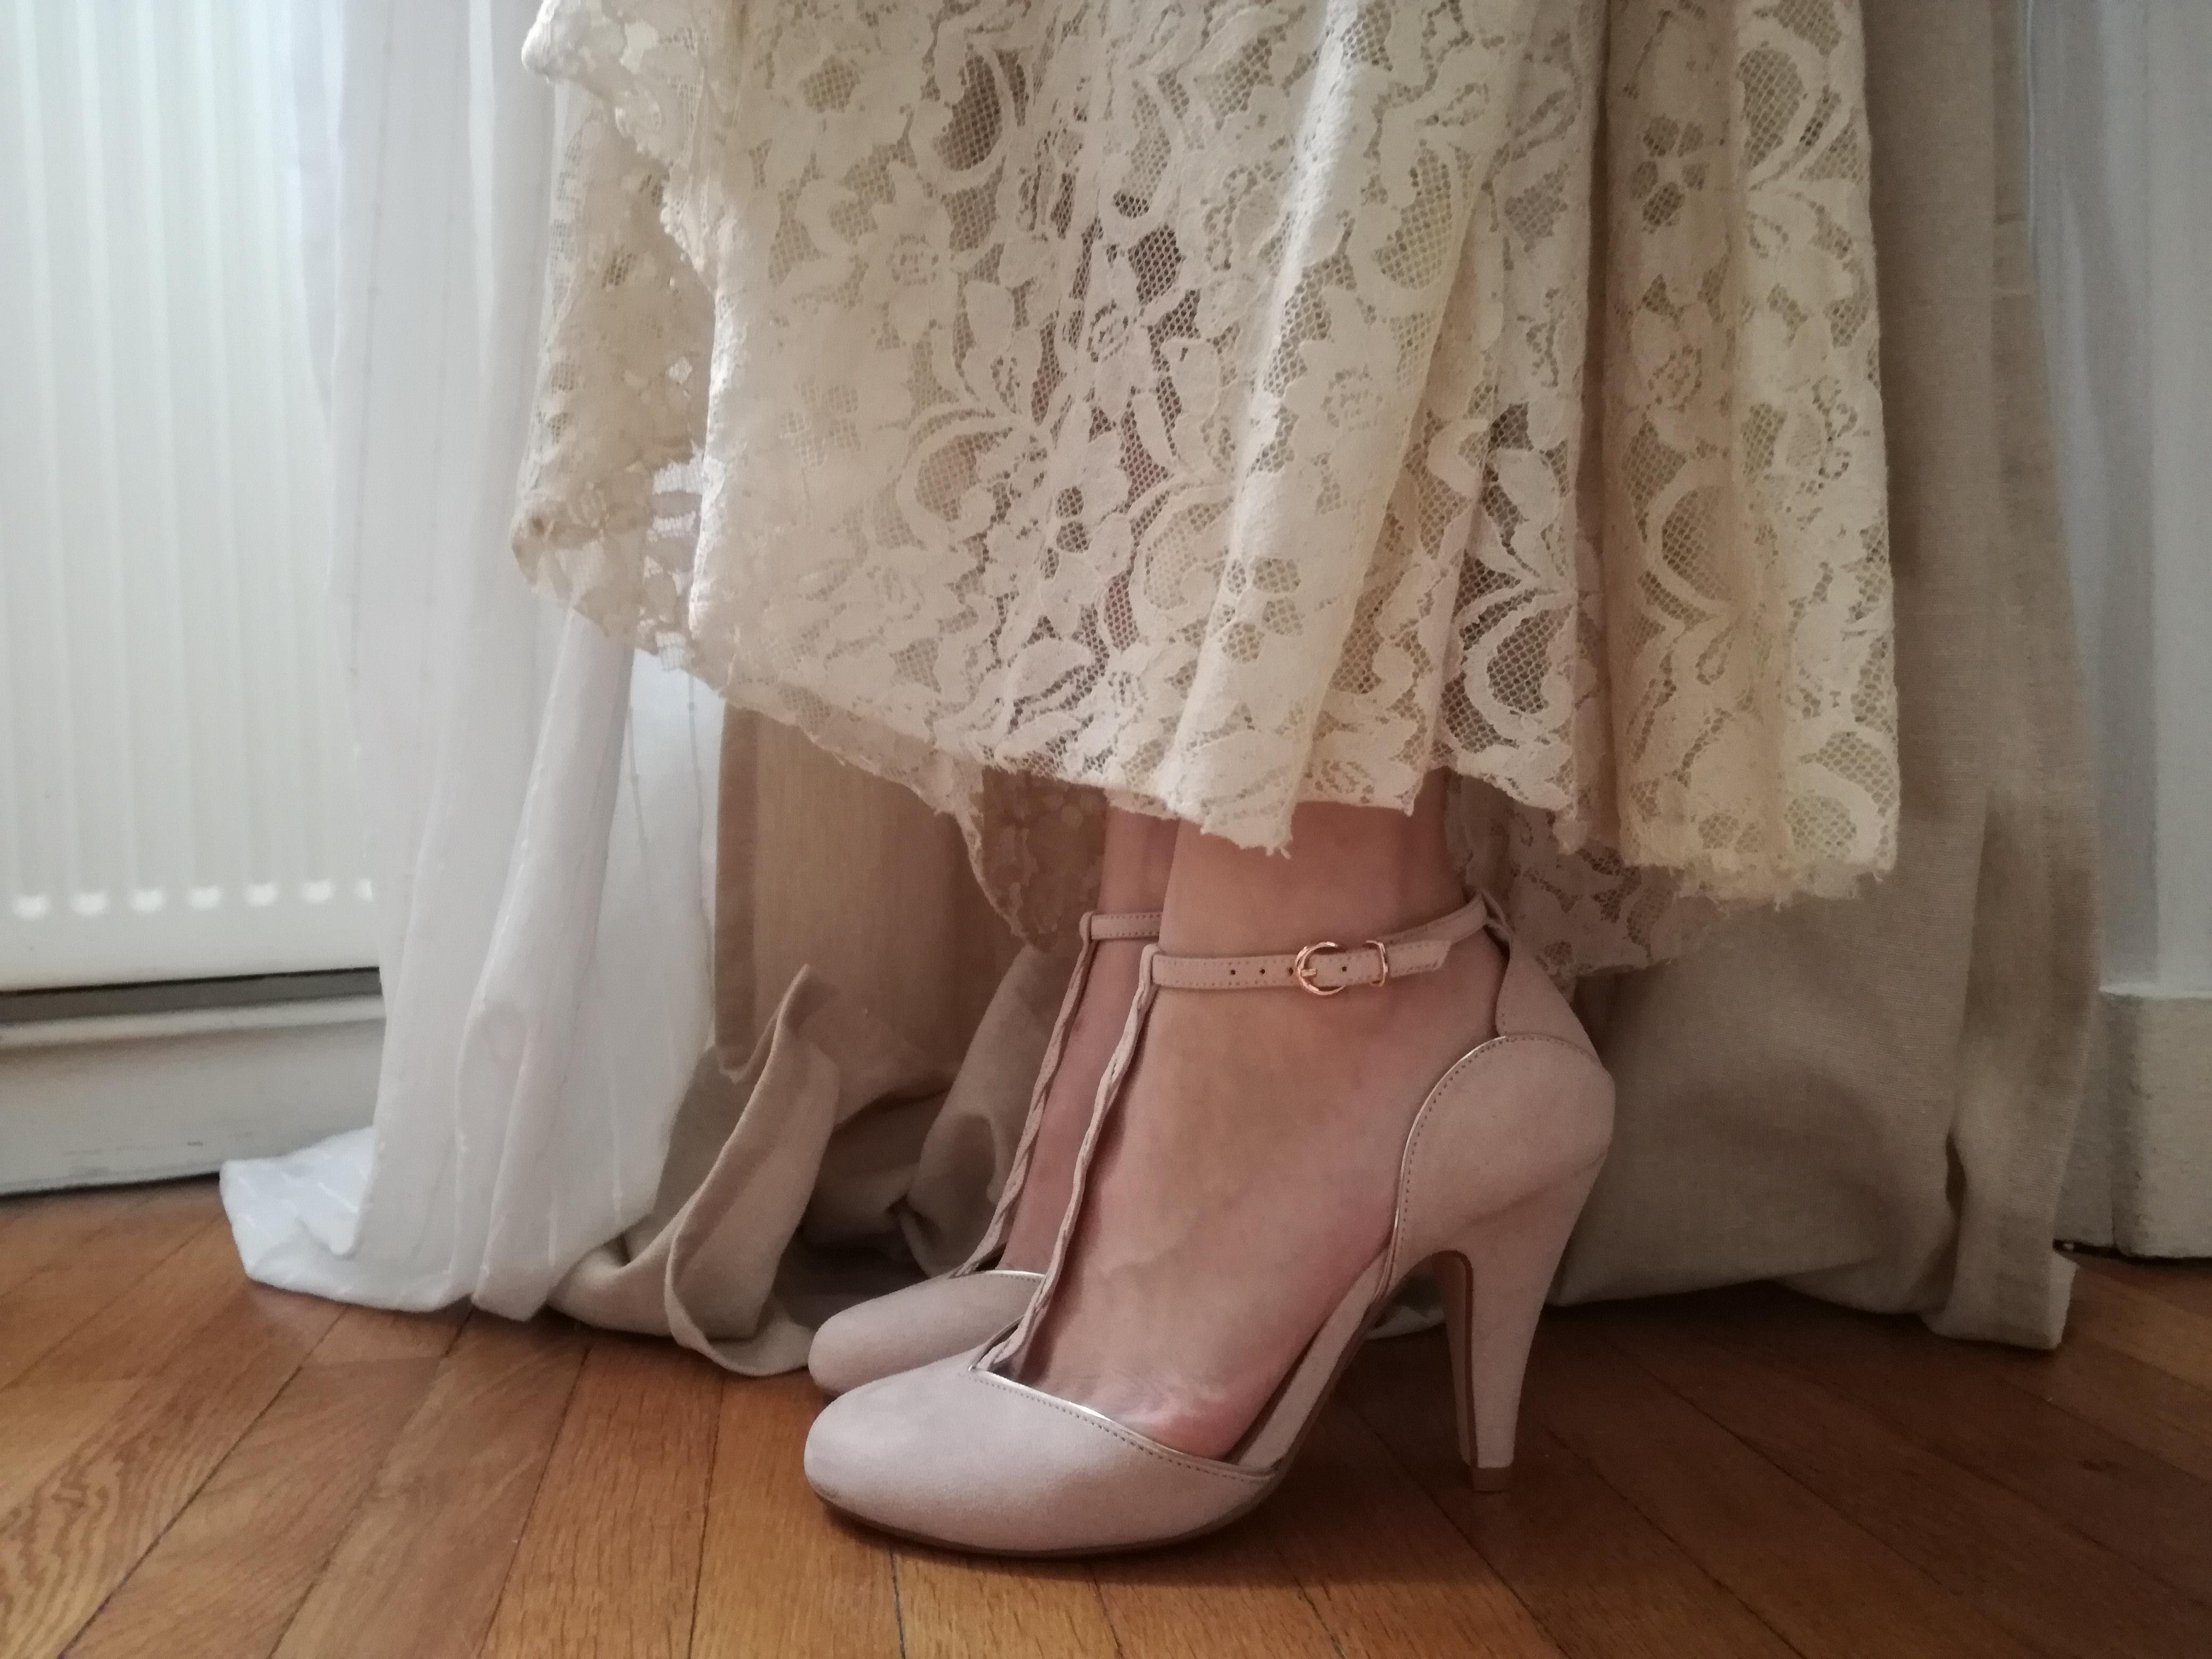 Les accessoires ou comment j'ai cherché à ne pas finir en glaçon – Partie 1 : mes chaussures